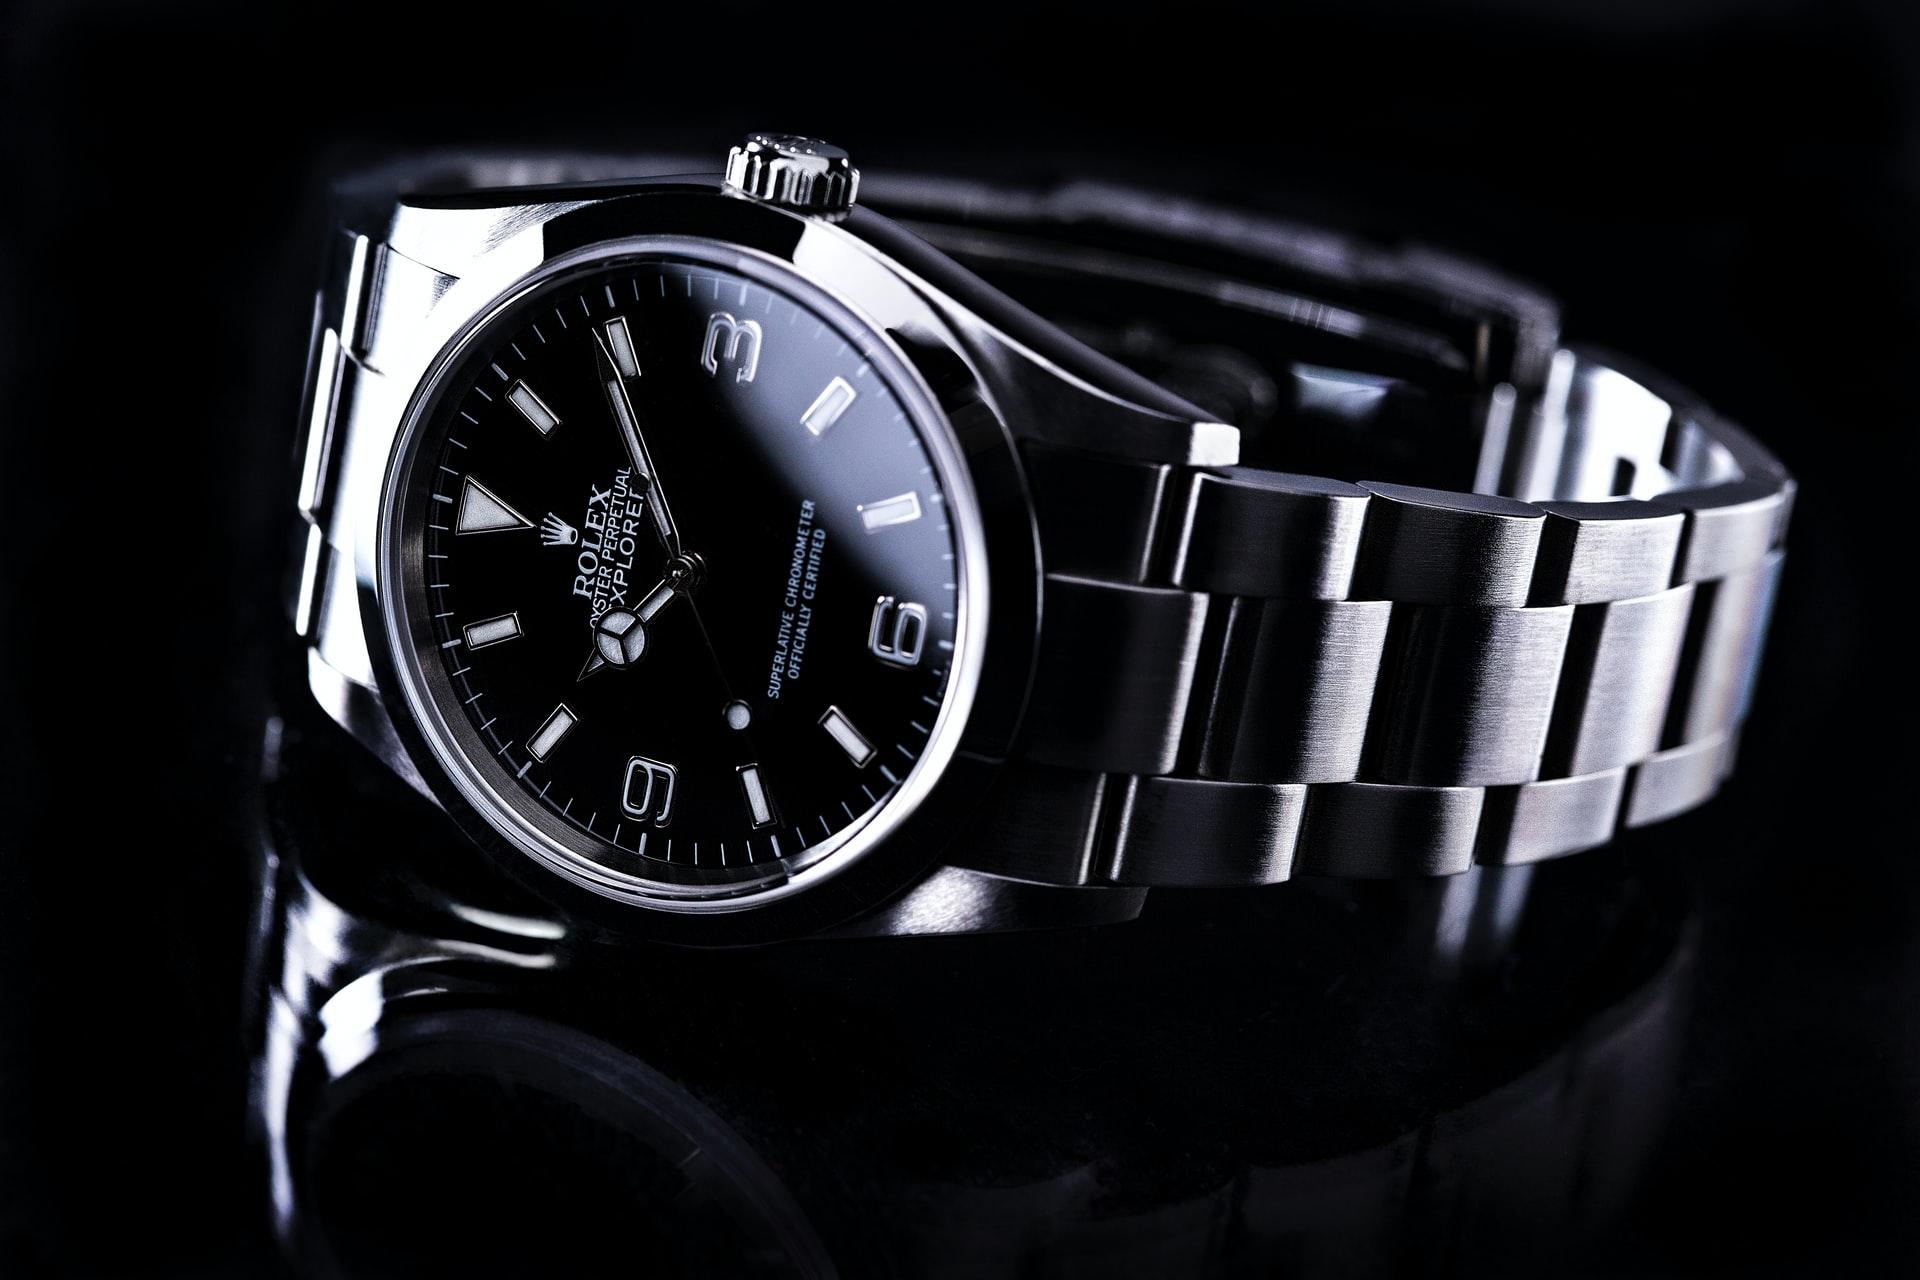 Siler Rolex watch on black background